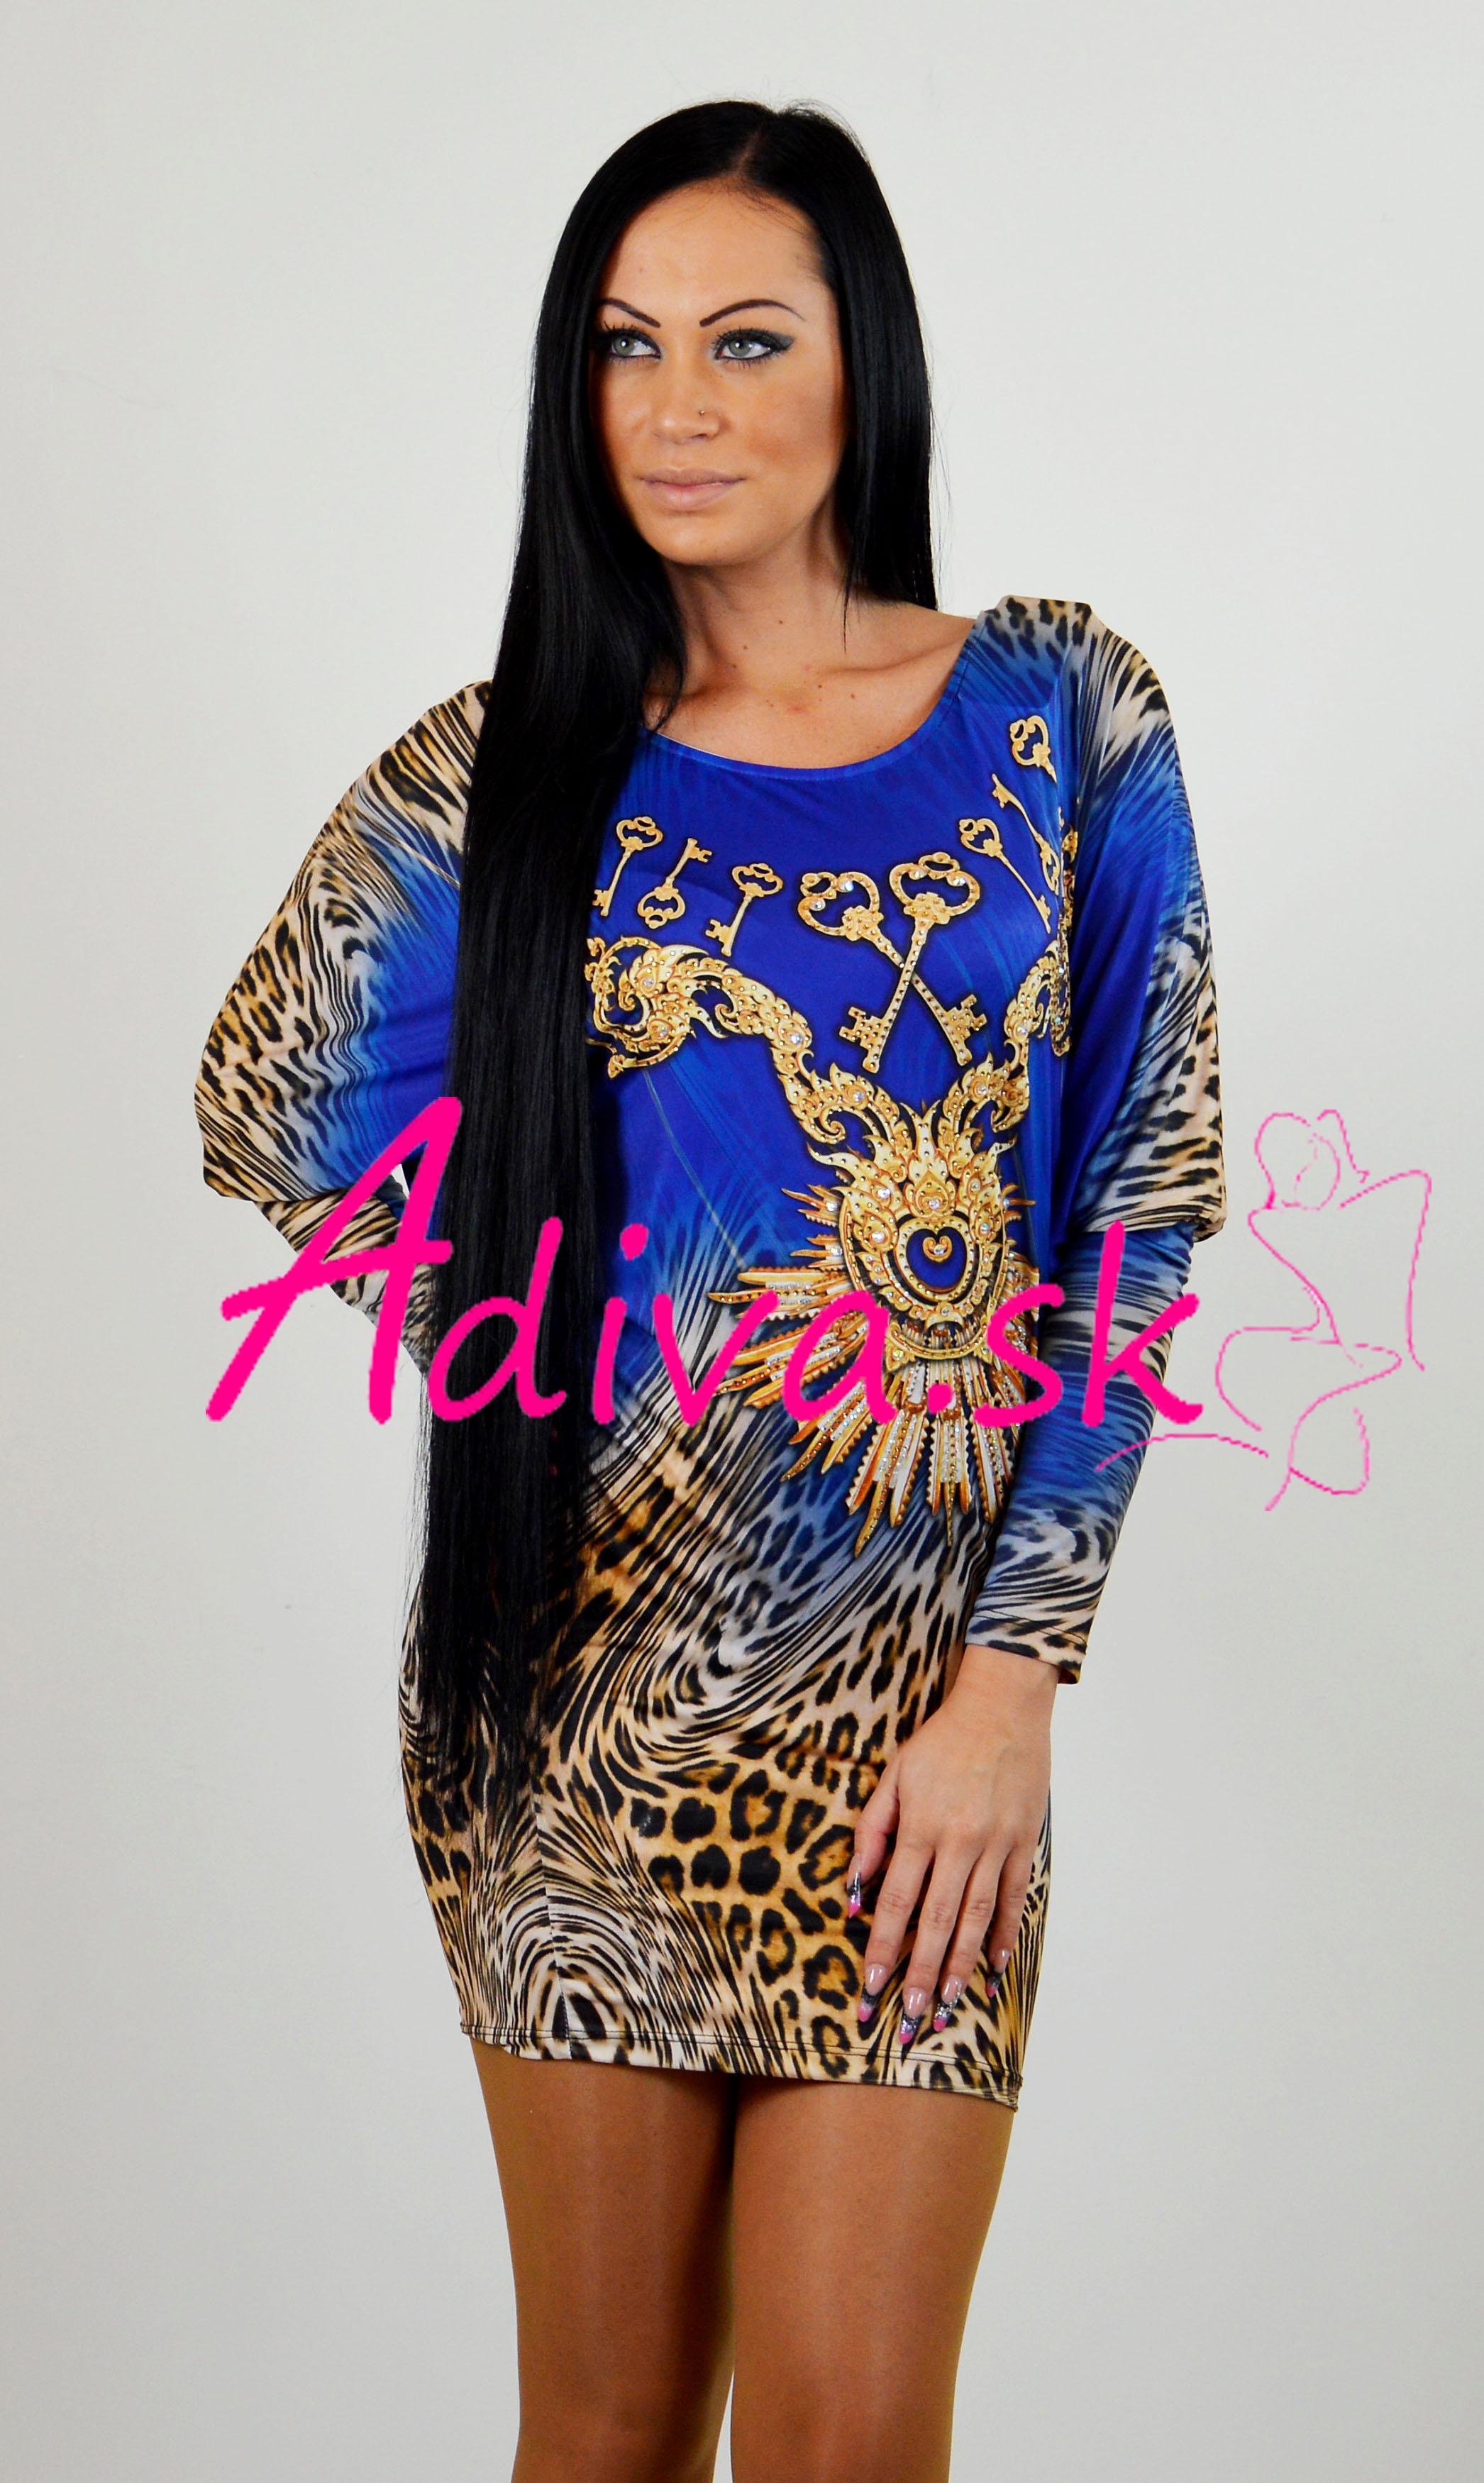 Veľmi dobrým online obchodom je obchod www.adiva.sk Tento trendy eshop vám  ponúka krásne kúsky dámskeho oblečenia f1867fbb7a8